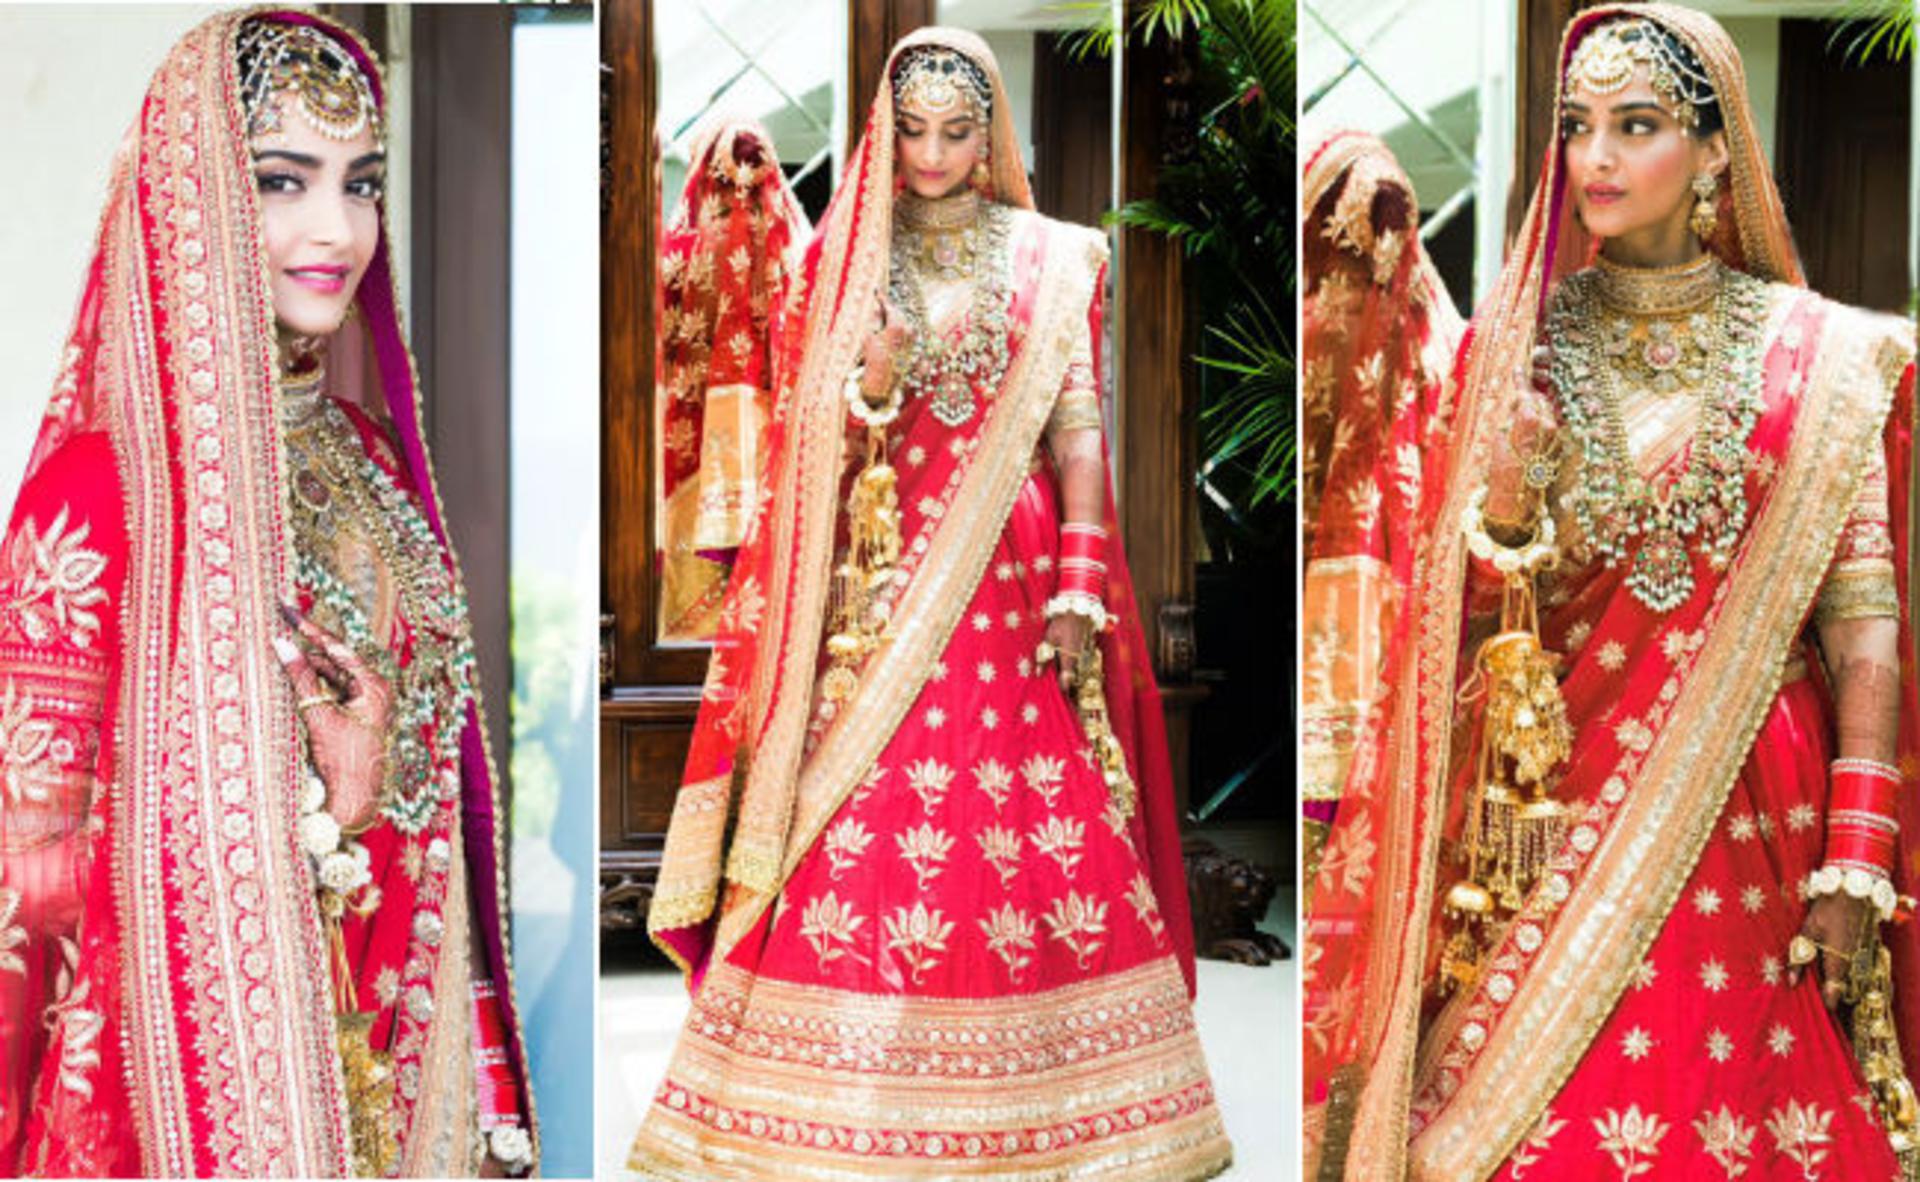 shopaholicpals - sonam-kapoor-wedding-ndtv_650x400_81525786386